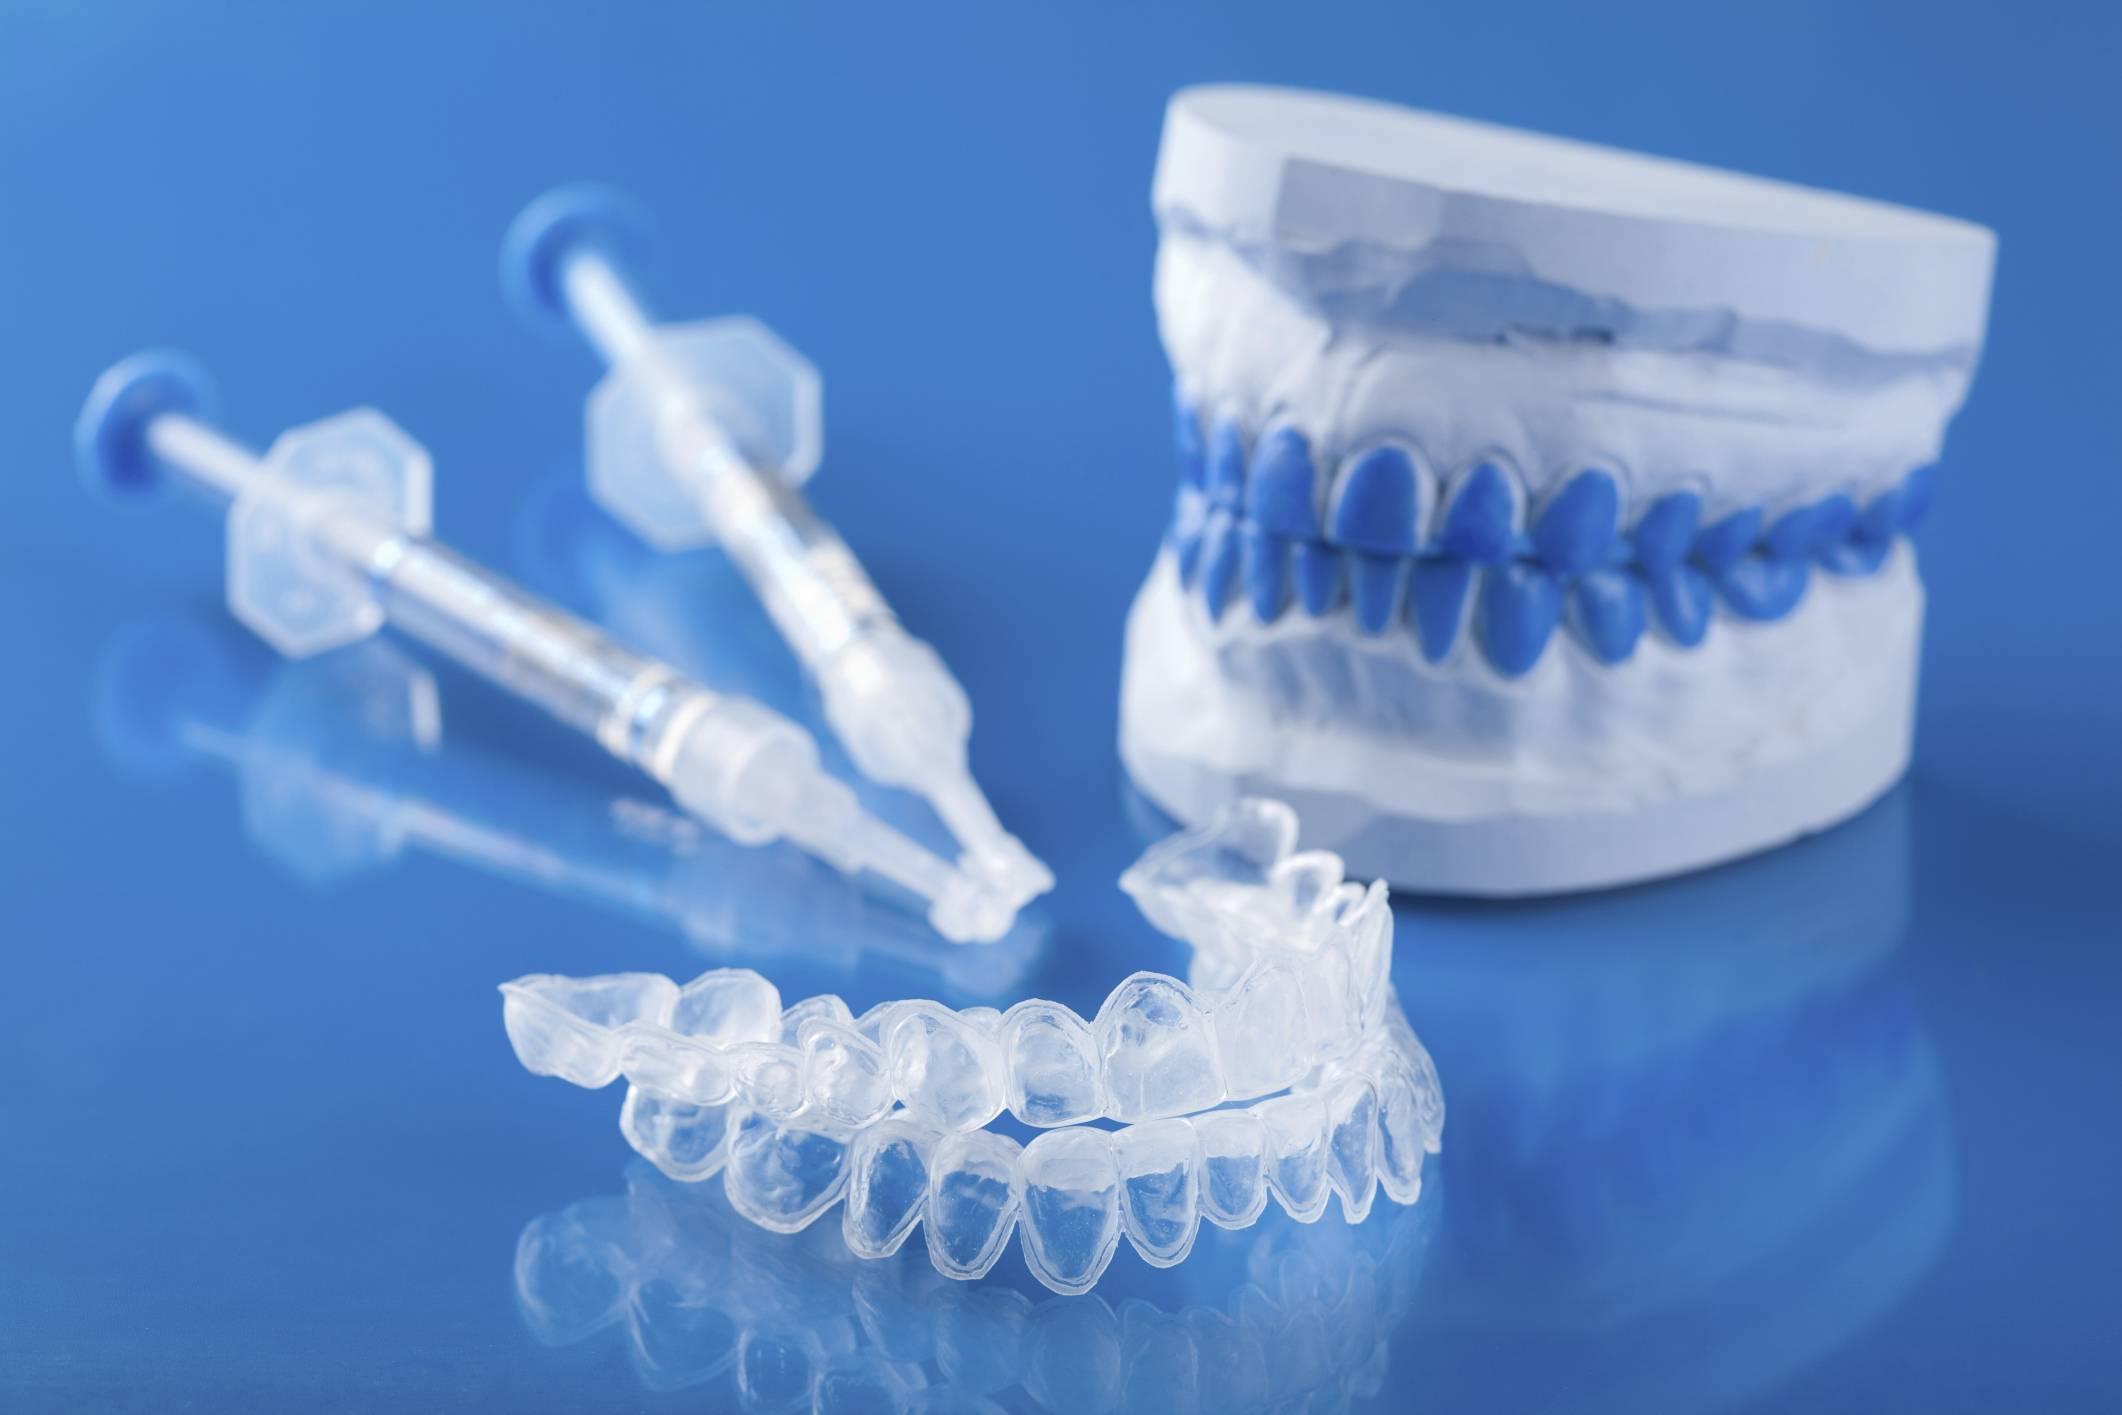 Отбеливание зубов системой opalescence: плюсы и минусы,  используемые препараты, стоимость